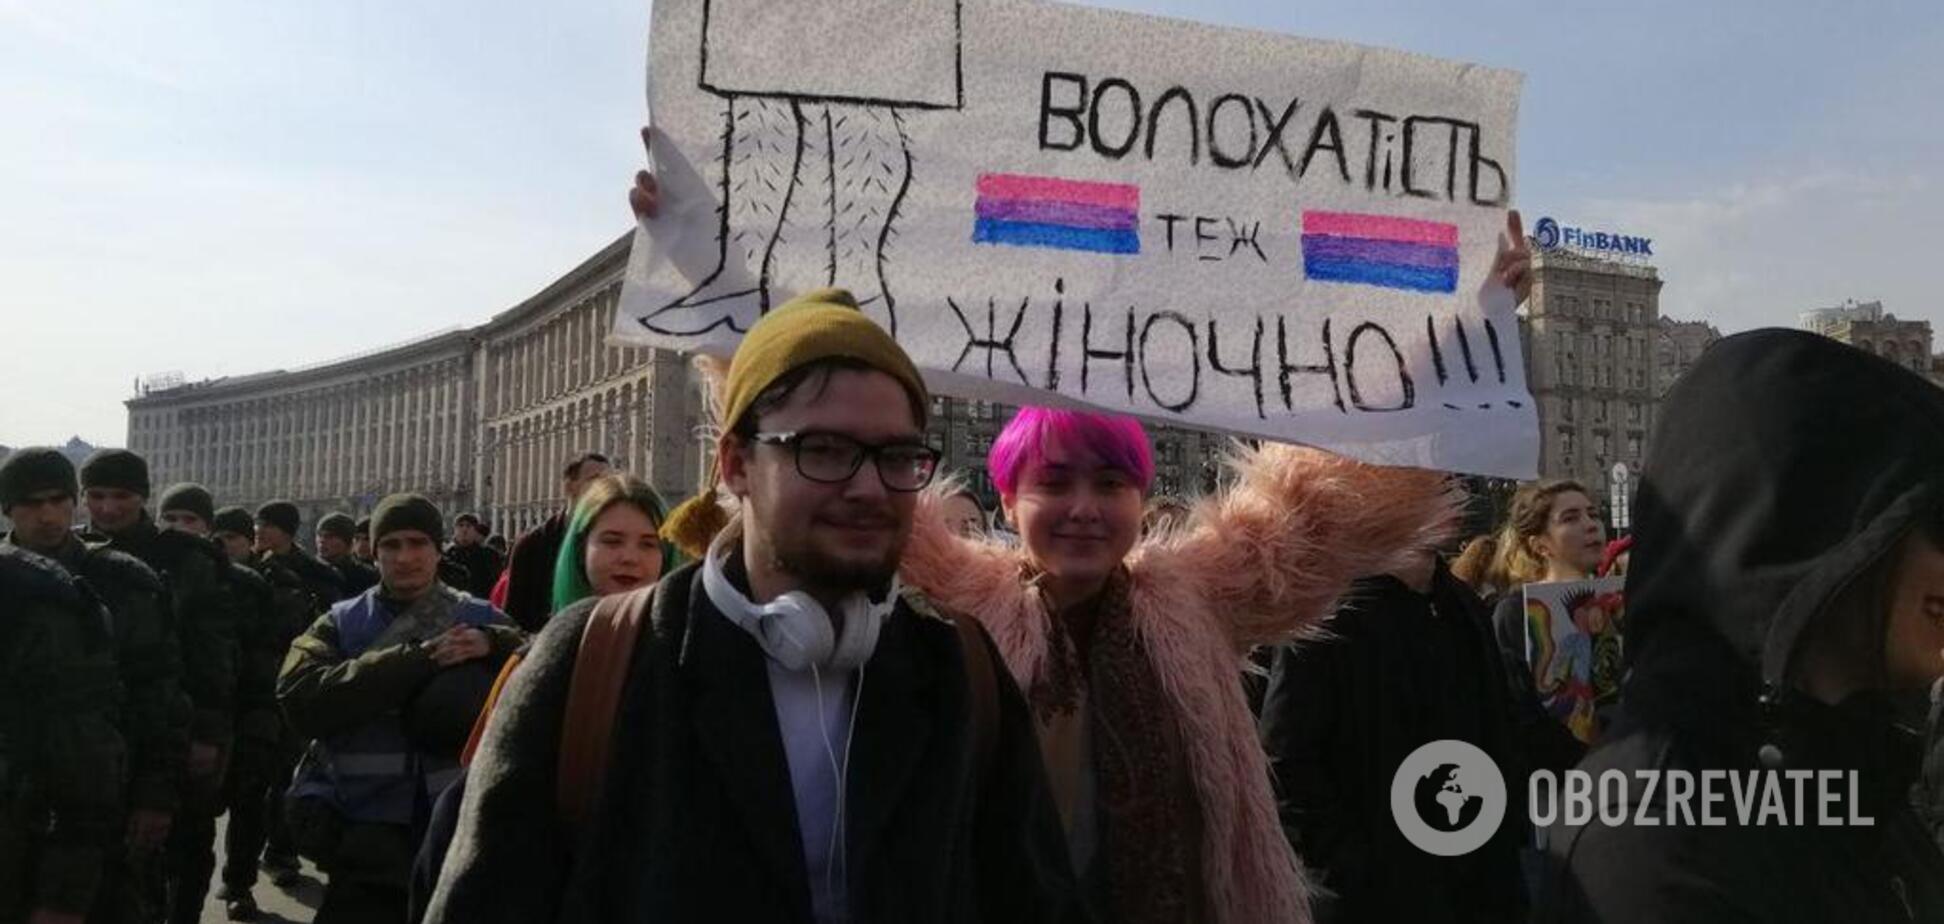 В Киеве на марше феминисток произошли стычки: эксклюзивные фото